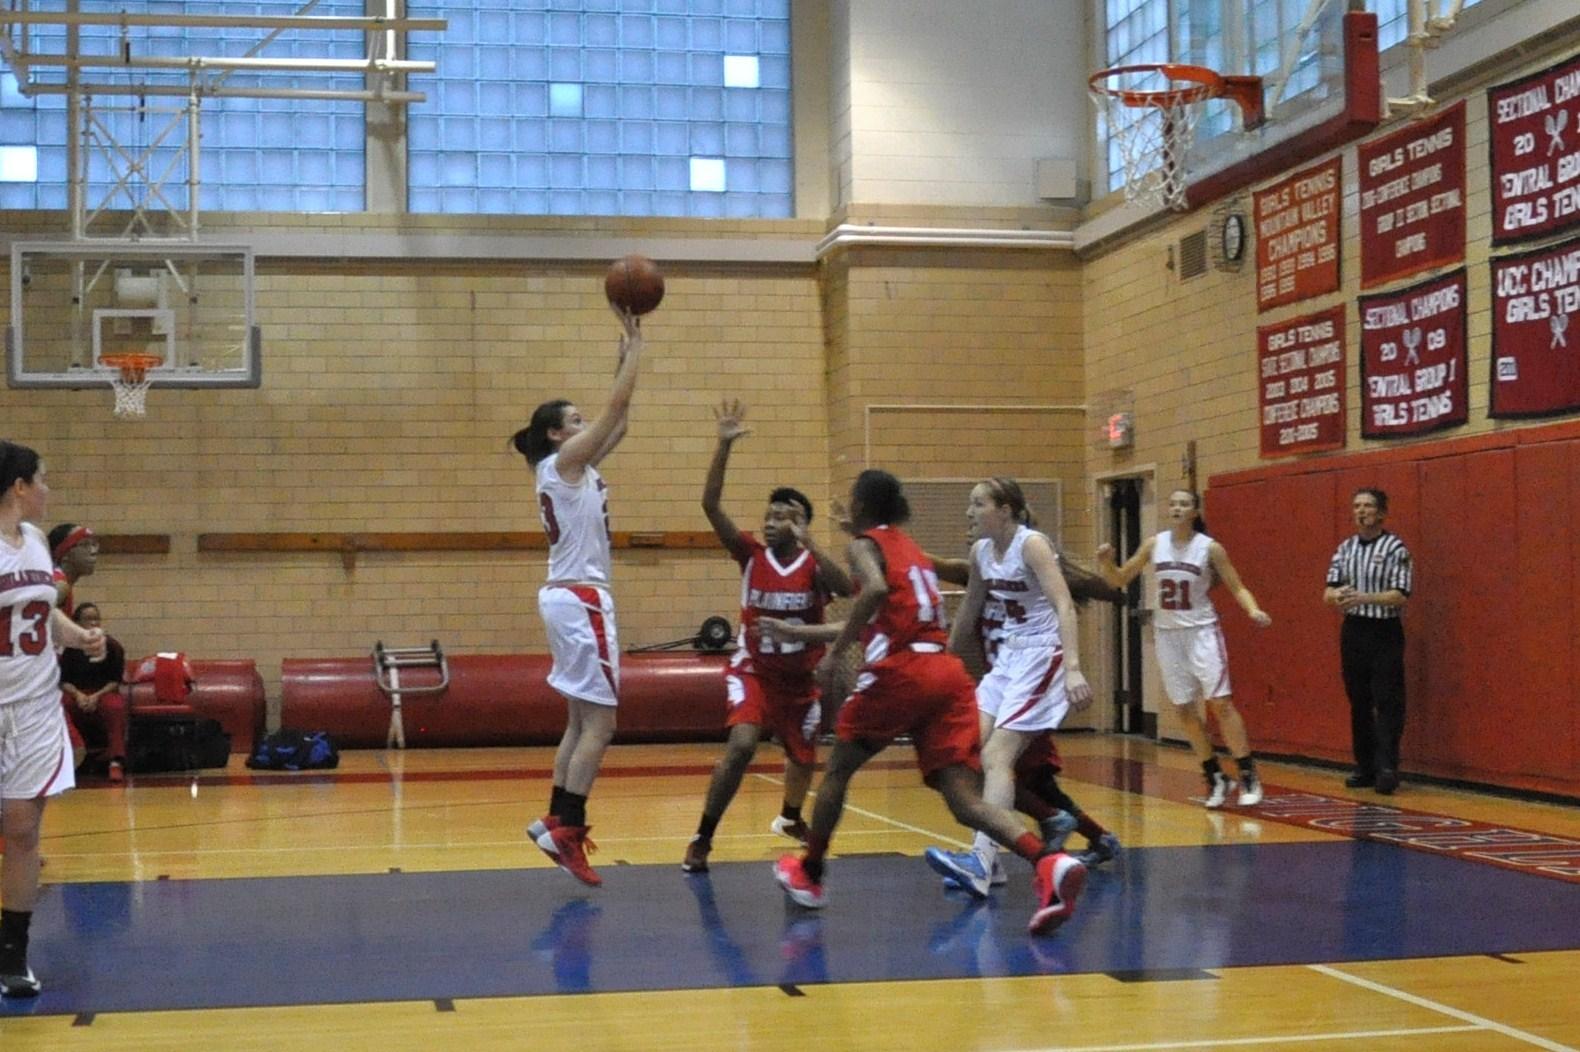 15643f28d00923a15a89_girls_basketball_shot.jpg